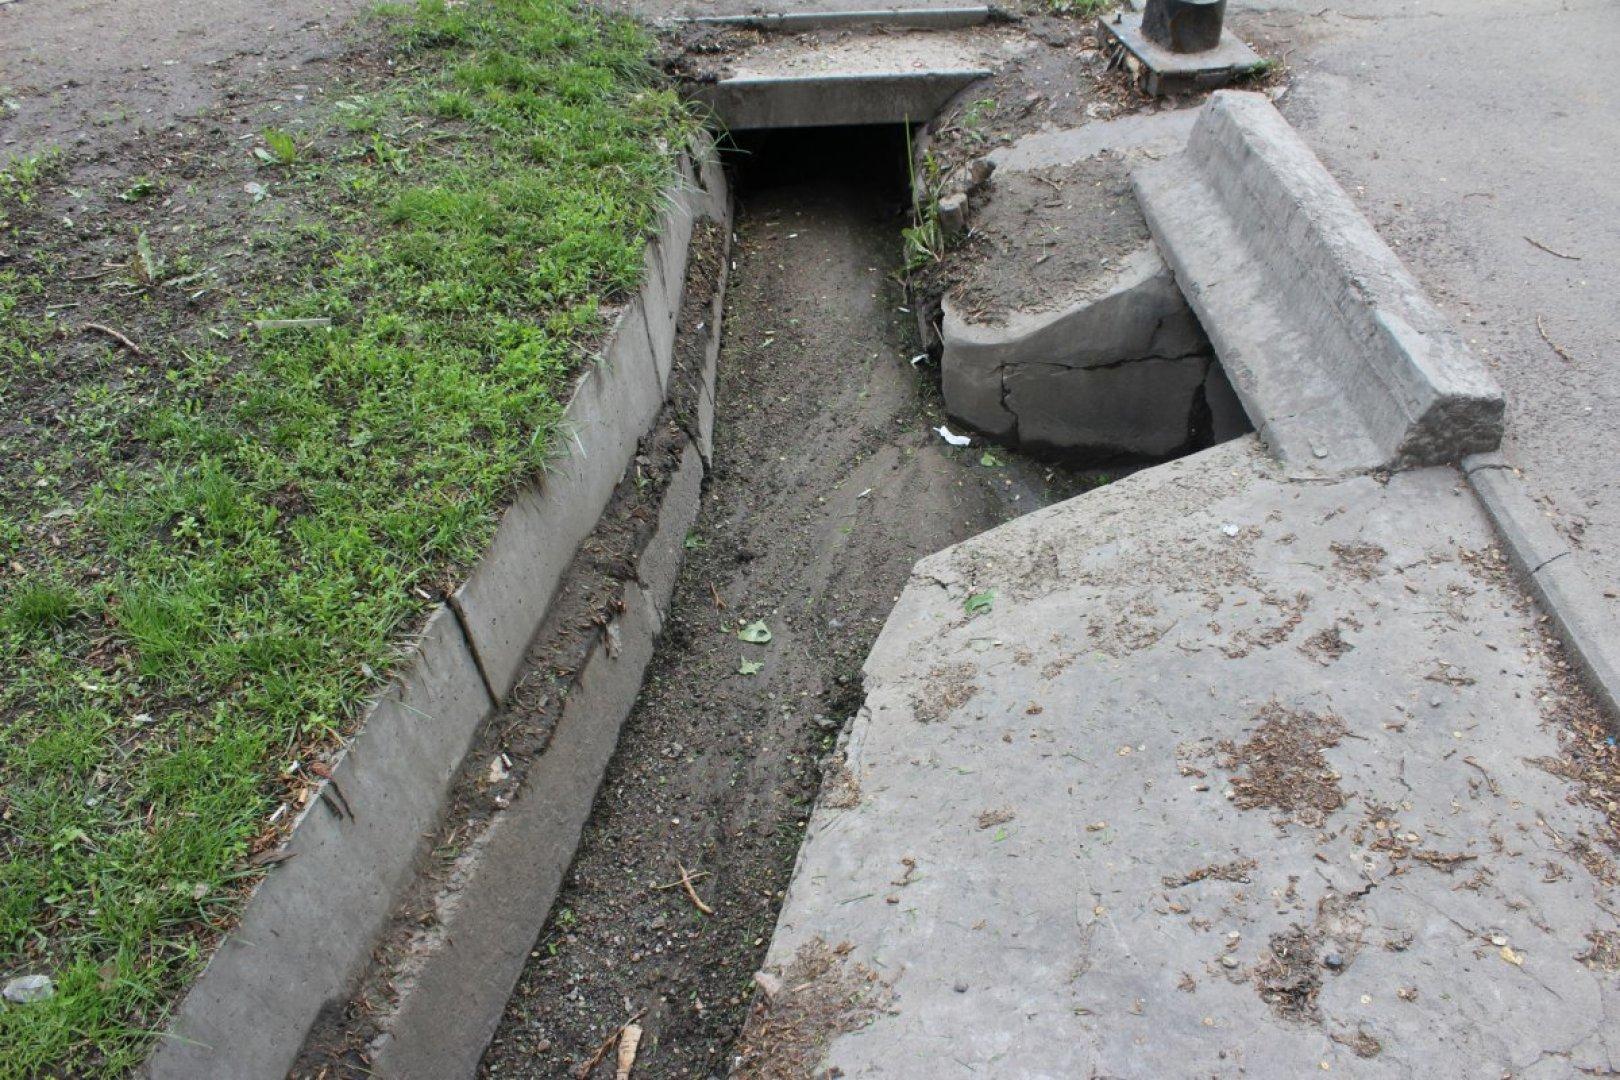 Аким Алматы поручил восстановить за счет подрядчиков разрушенные за зиму городские арыки